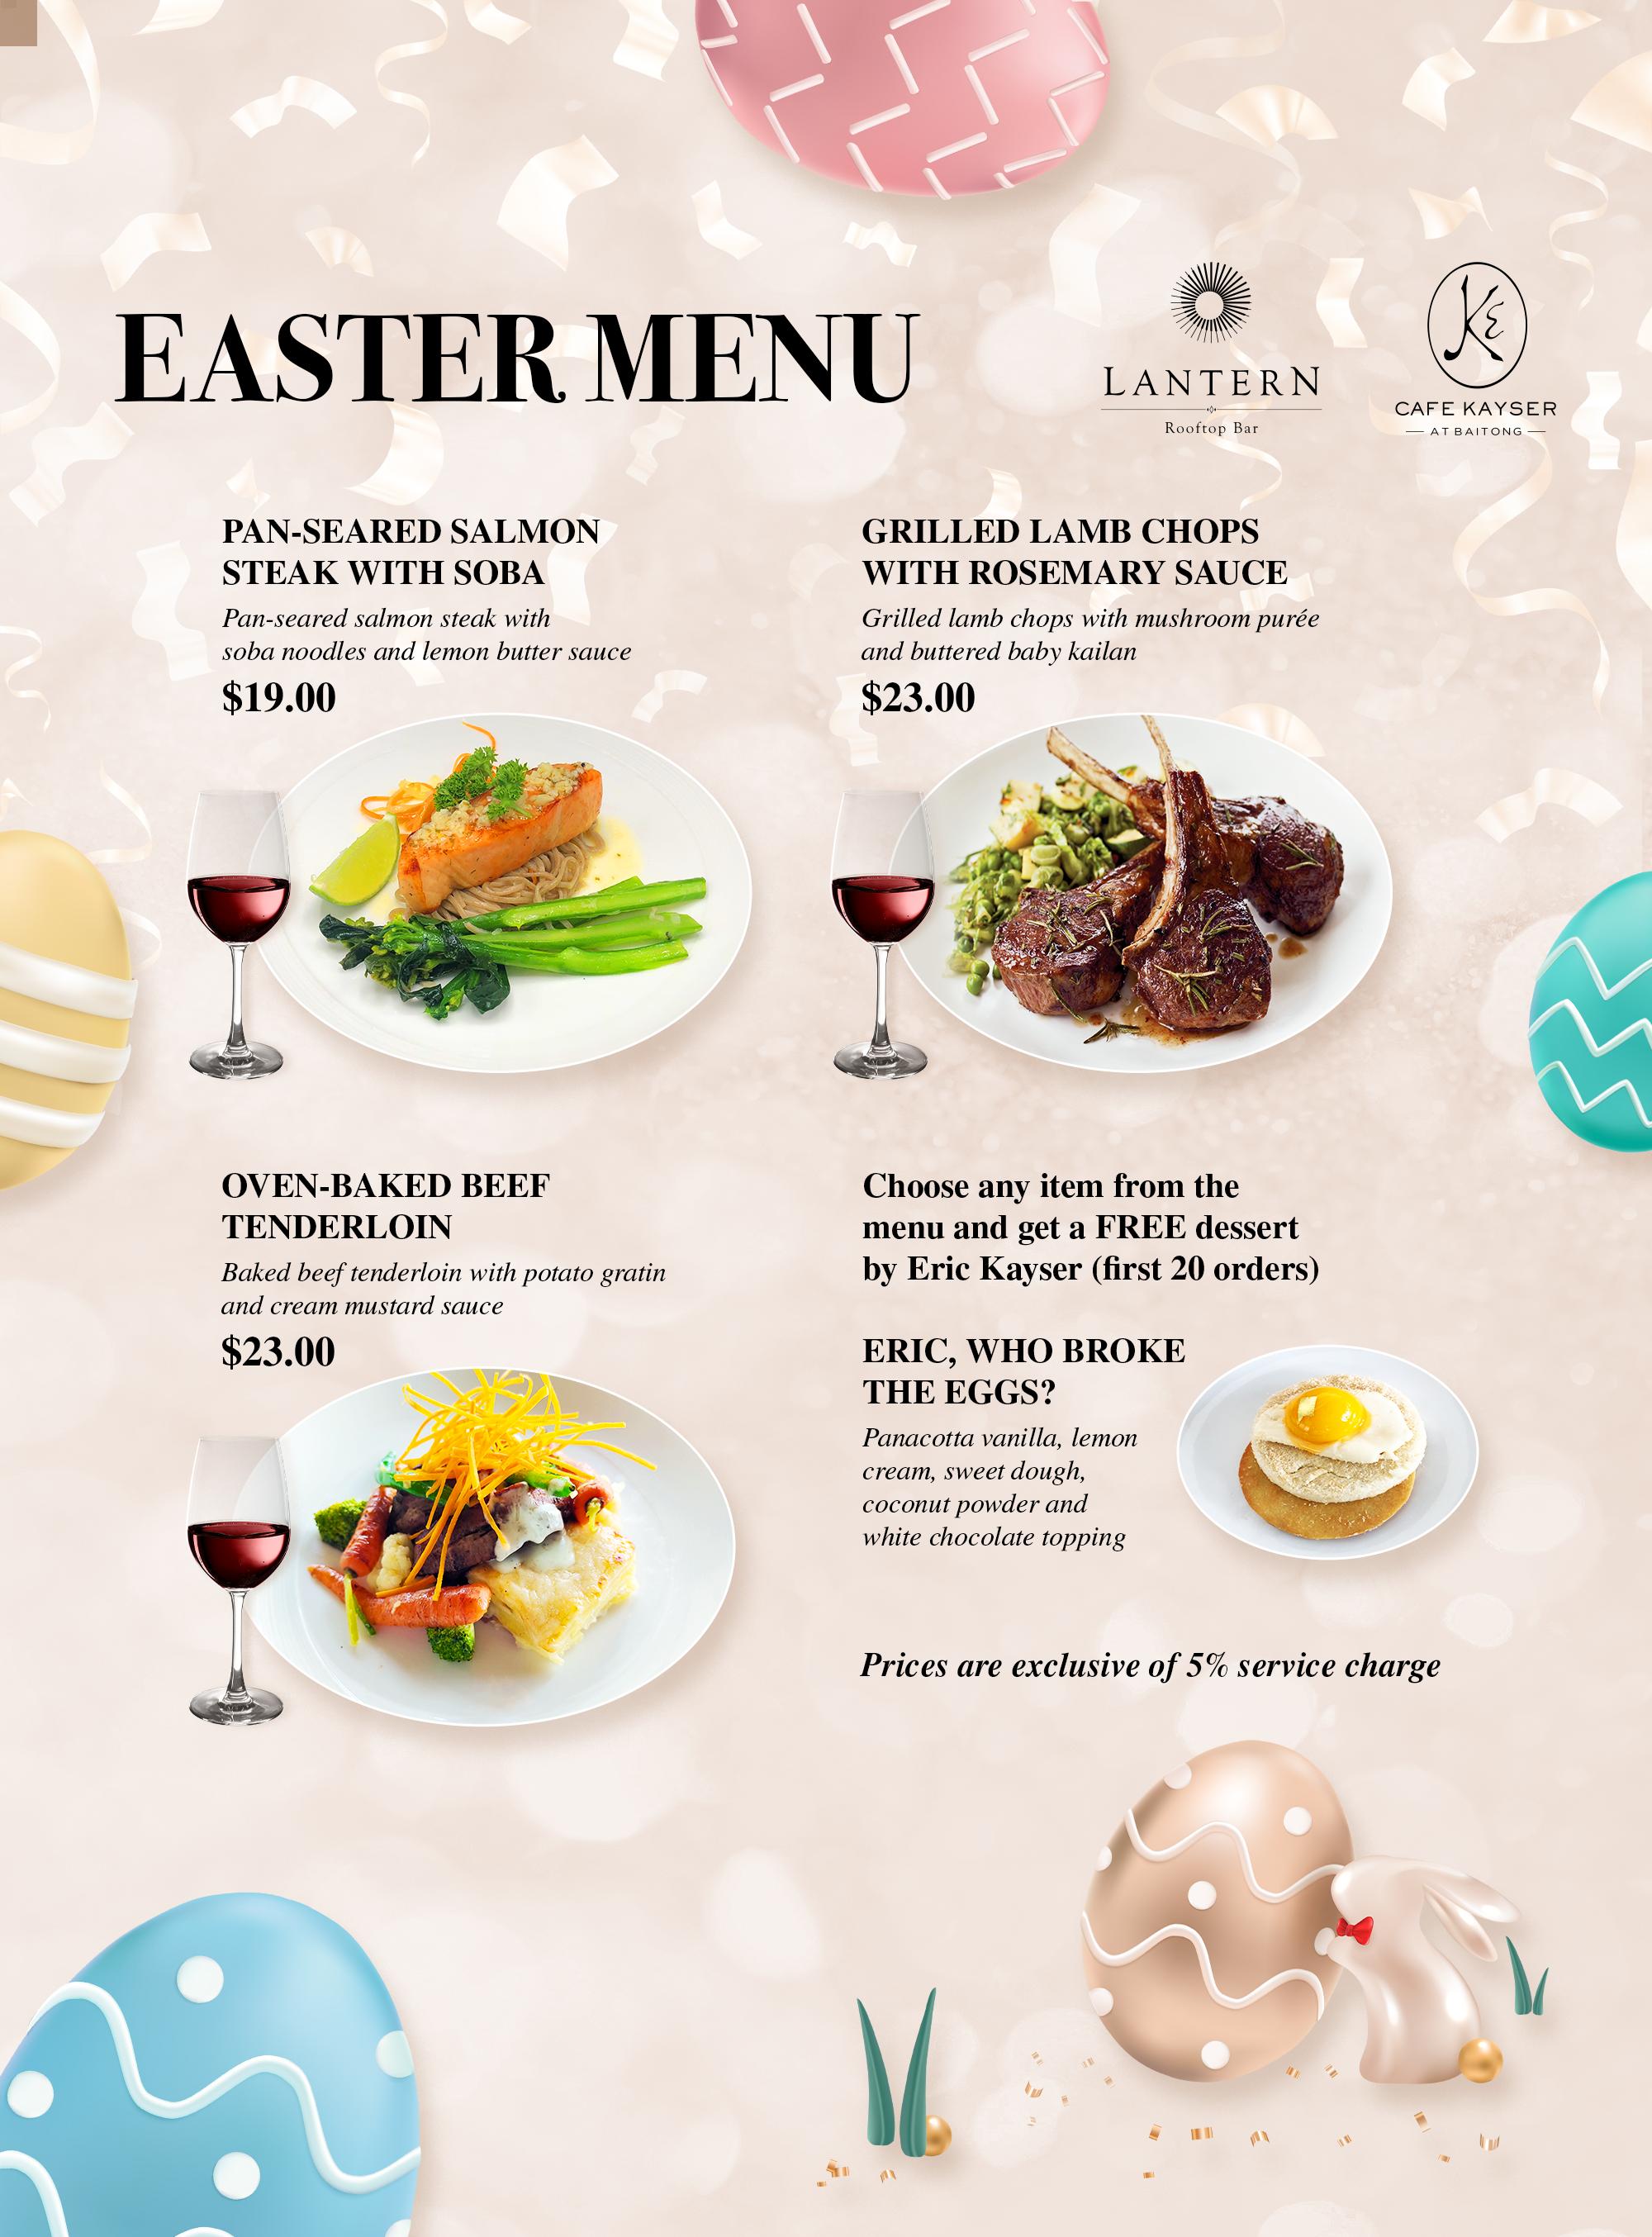 Easter Dinner at Lantern - Sunday 4 April 2021